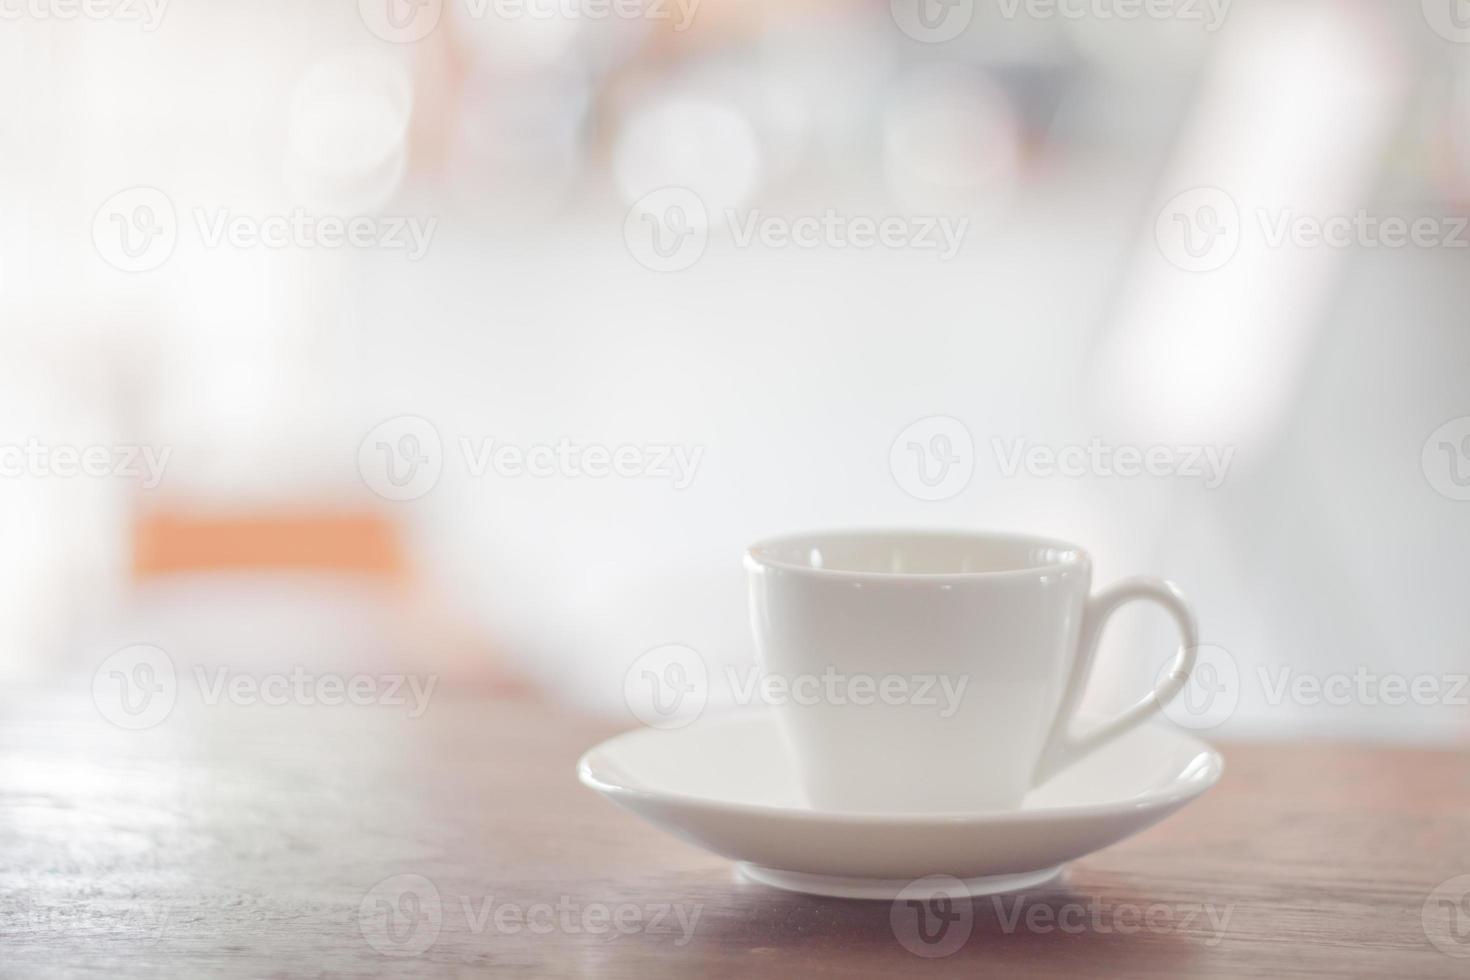 tasse à café blanche avec expresso photo